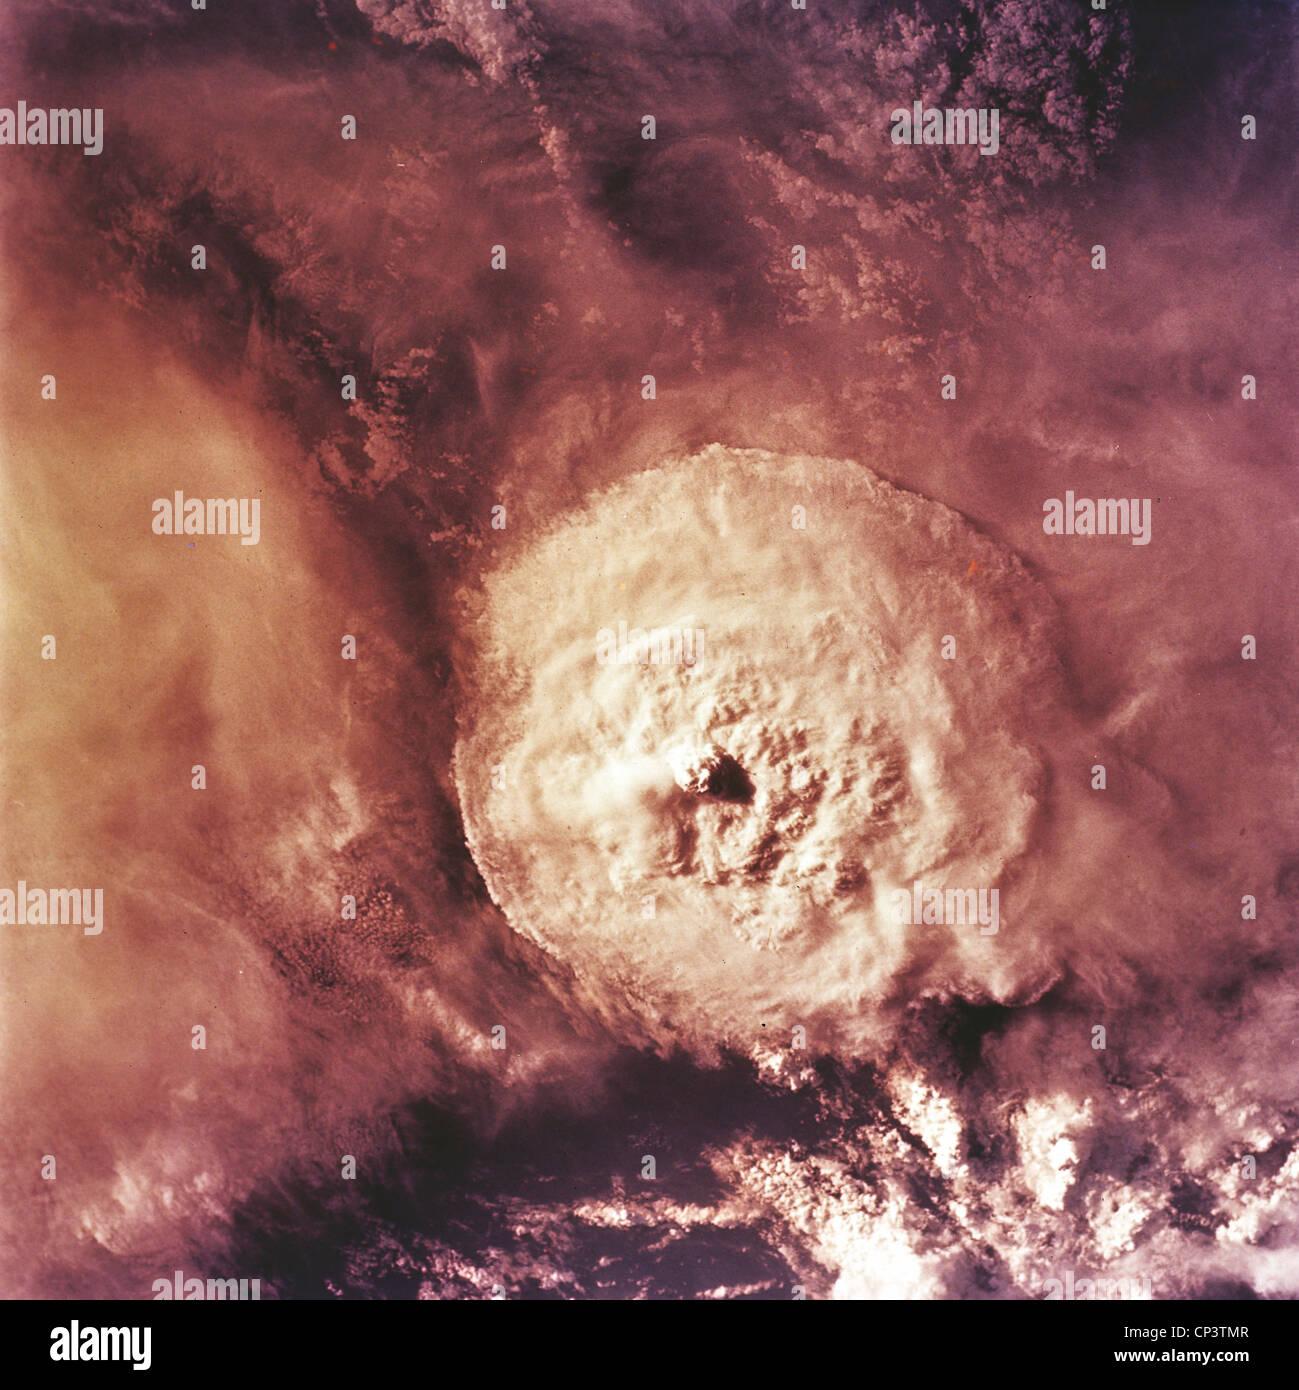 Meteorologie - das Auge eines Hurrikans auf dem Amazonas (Brasilien). Blick vom Satelliten. Stockfoto